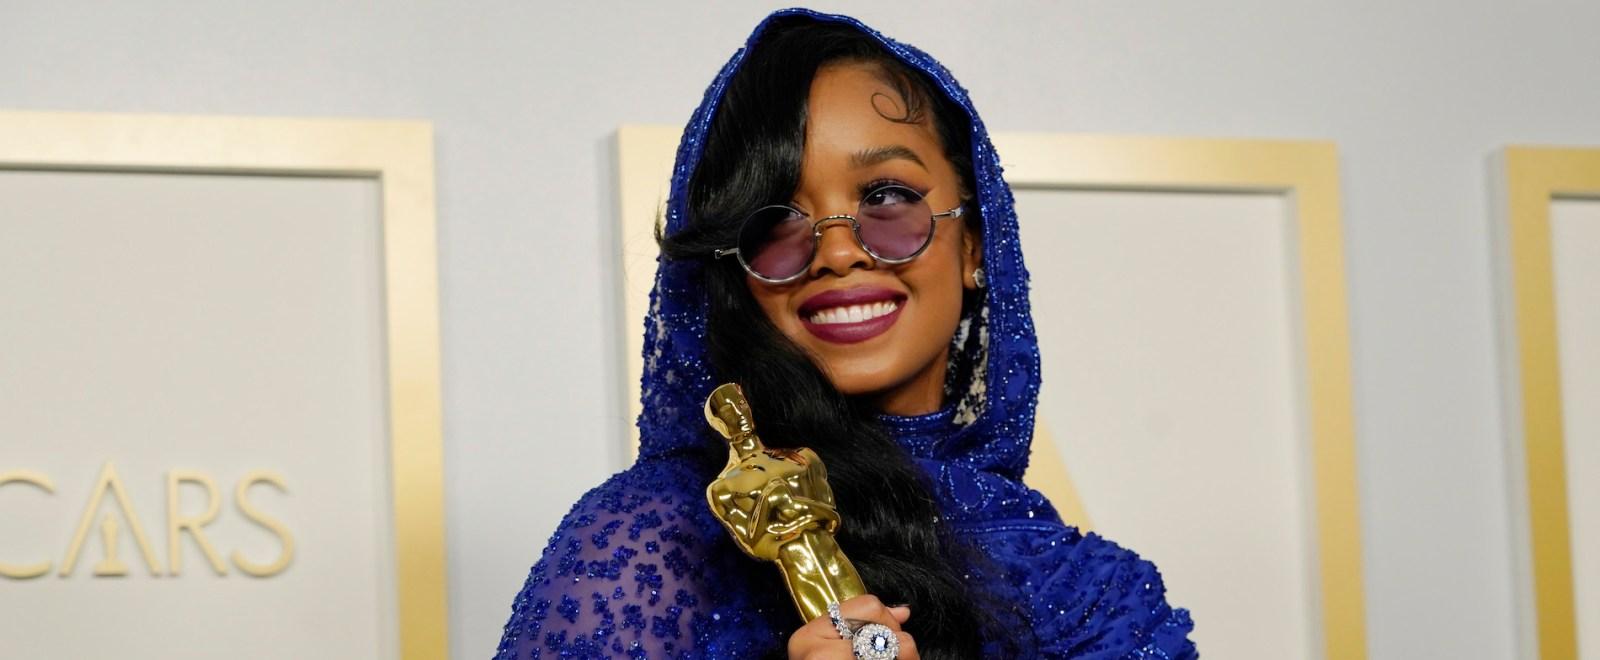 her-oscars-academy-awards-getty-full.jpg